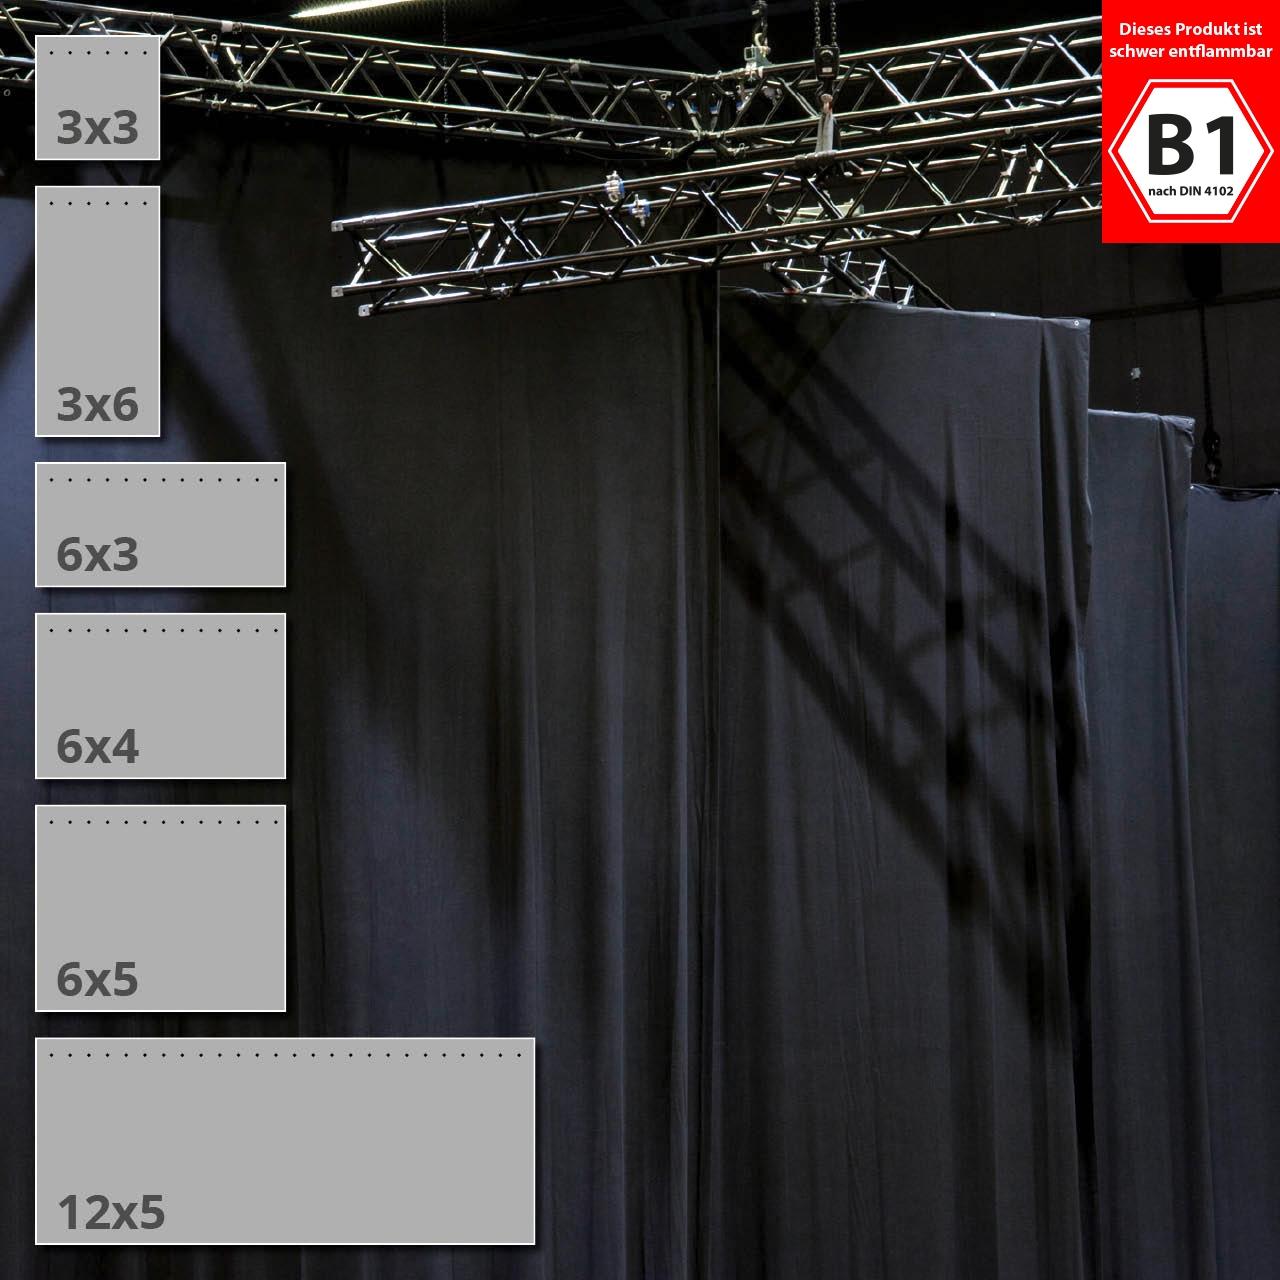 Vorhang Schallabsorbierend molton vorhang kaufen 6 standardgrößen allbuyone